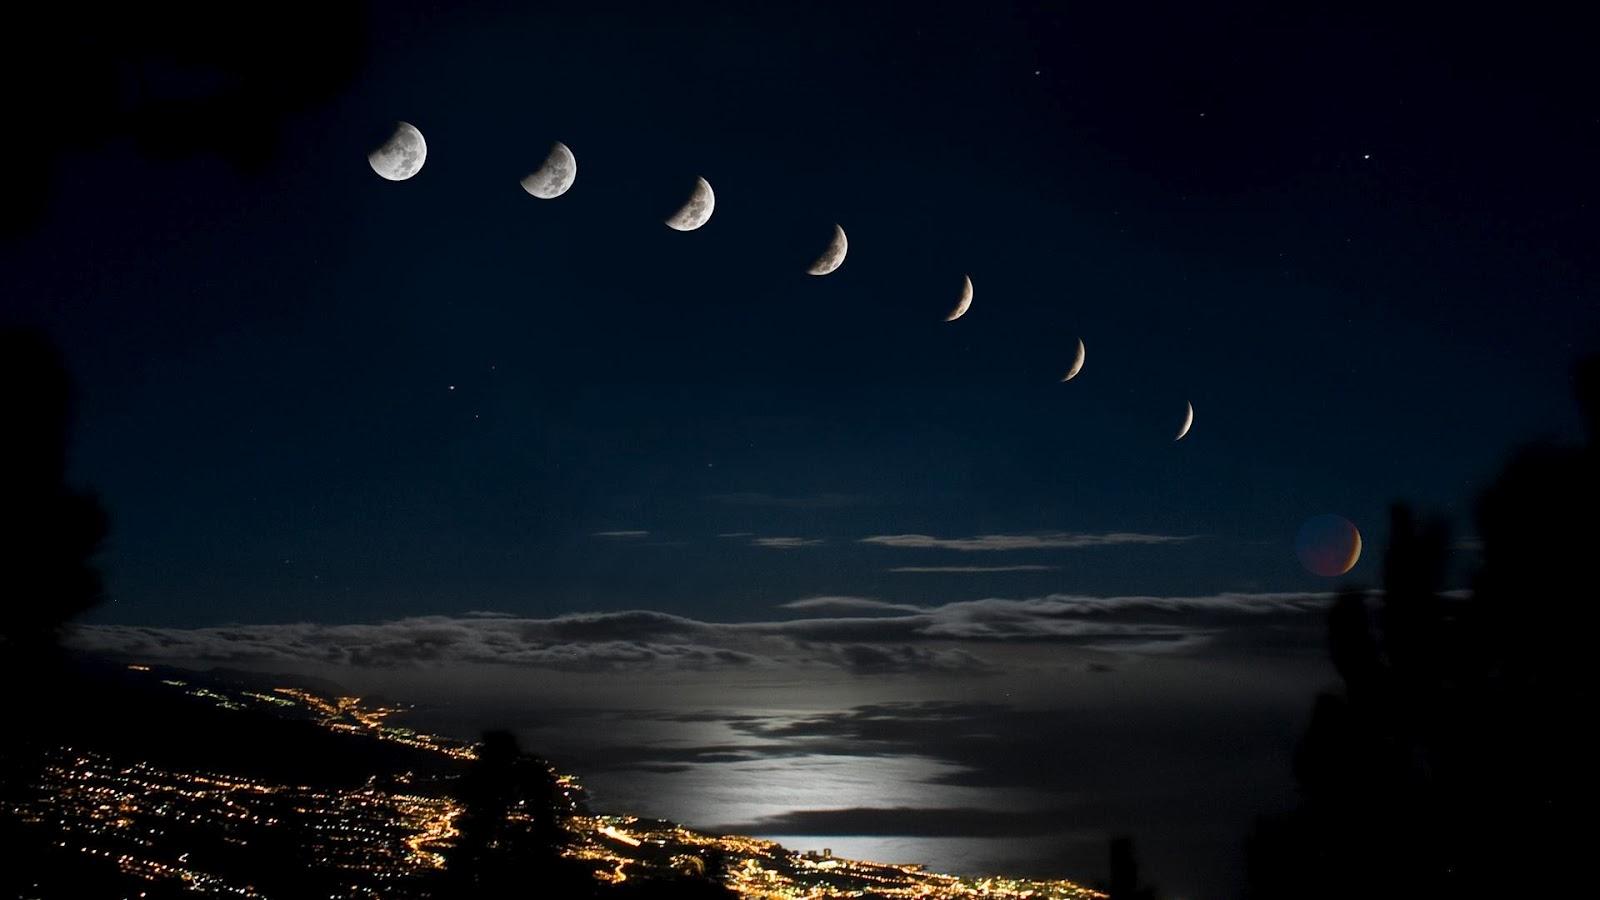 гороскоп козерог на сегодня лунный